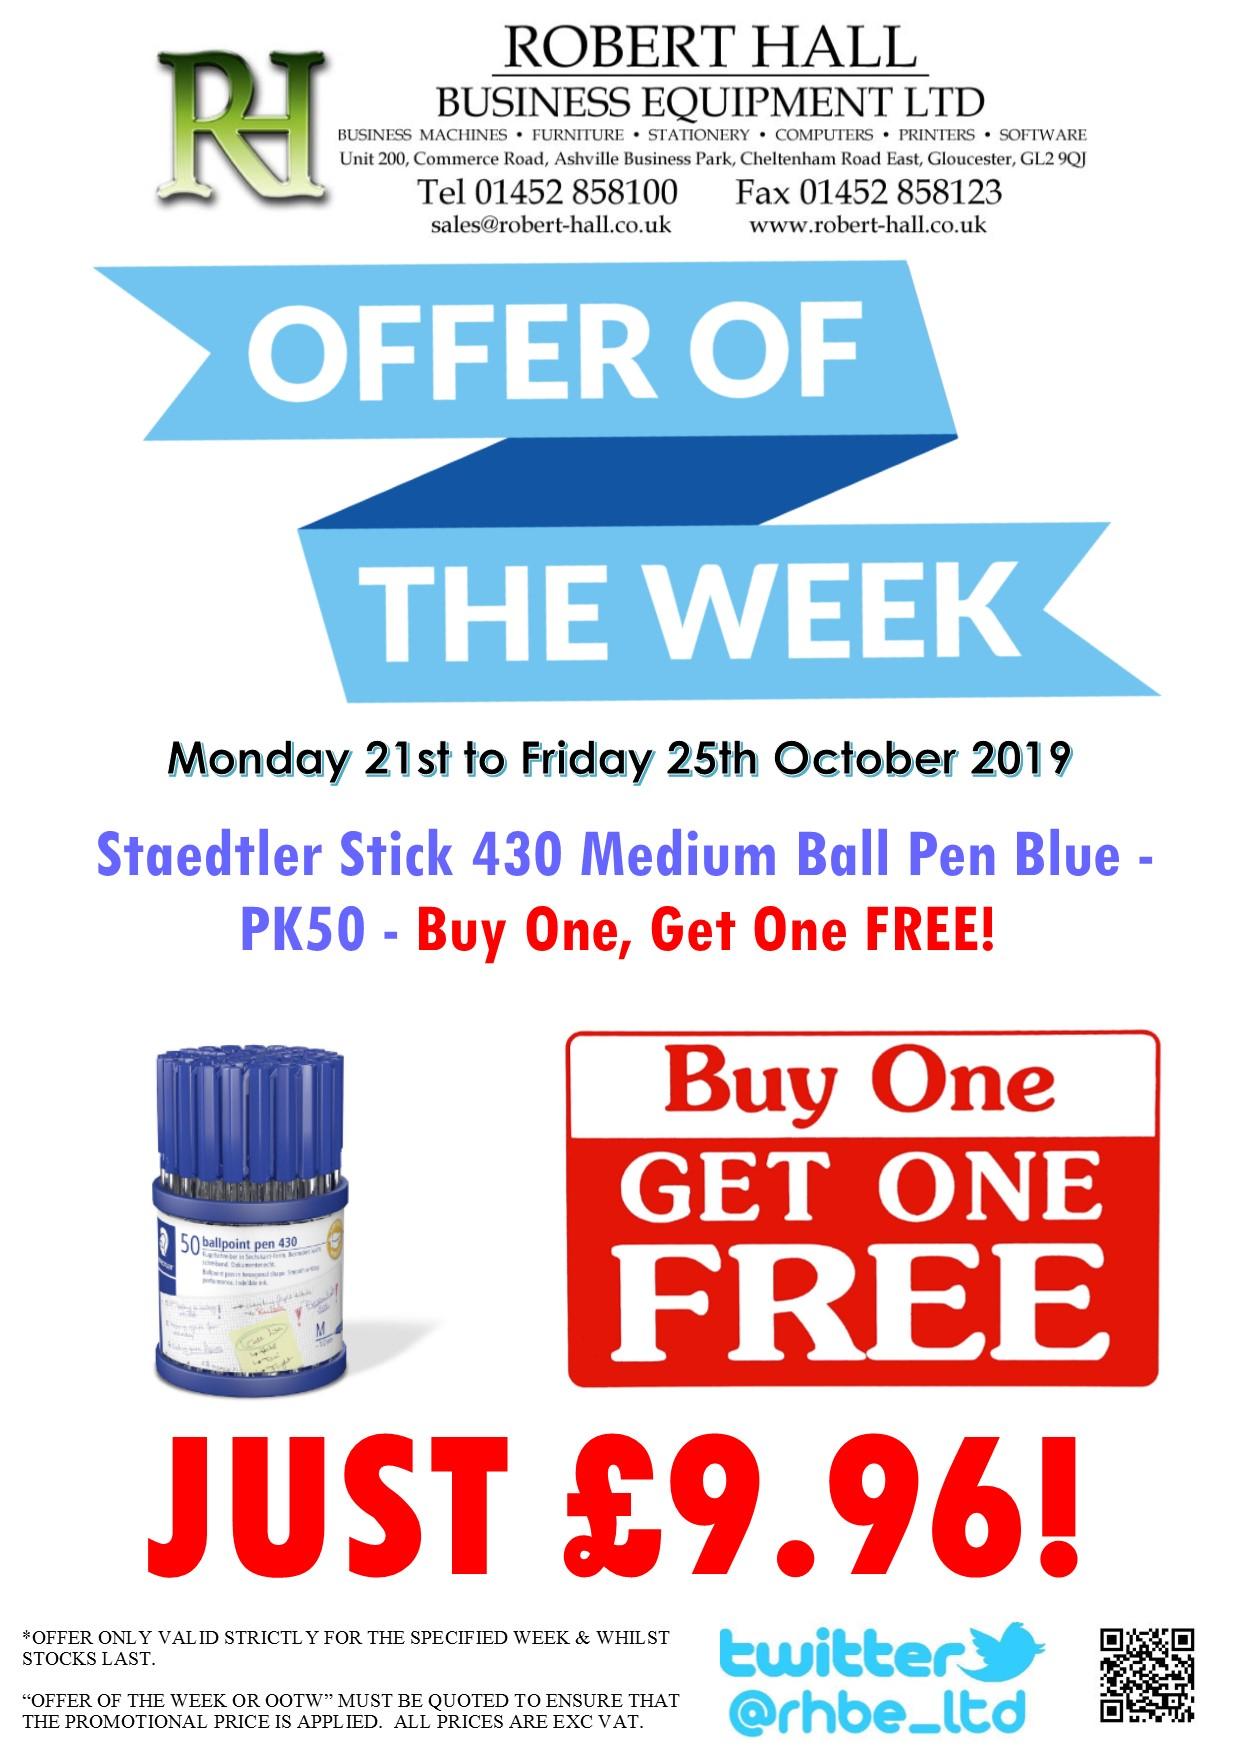 Offer Of The Week: Staedtler Stick 430 Pen Blue-PK50 BOGOF